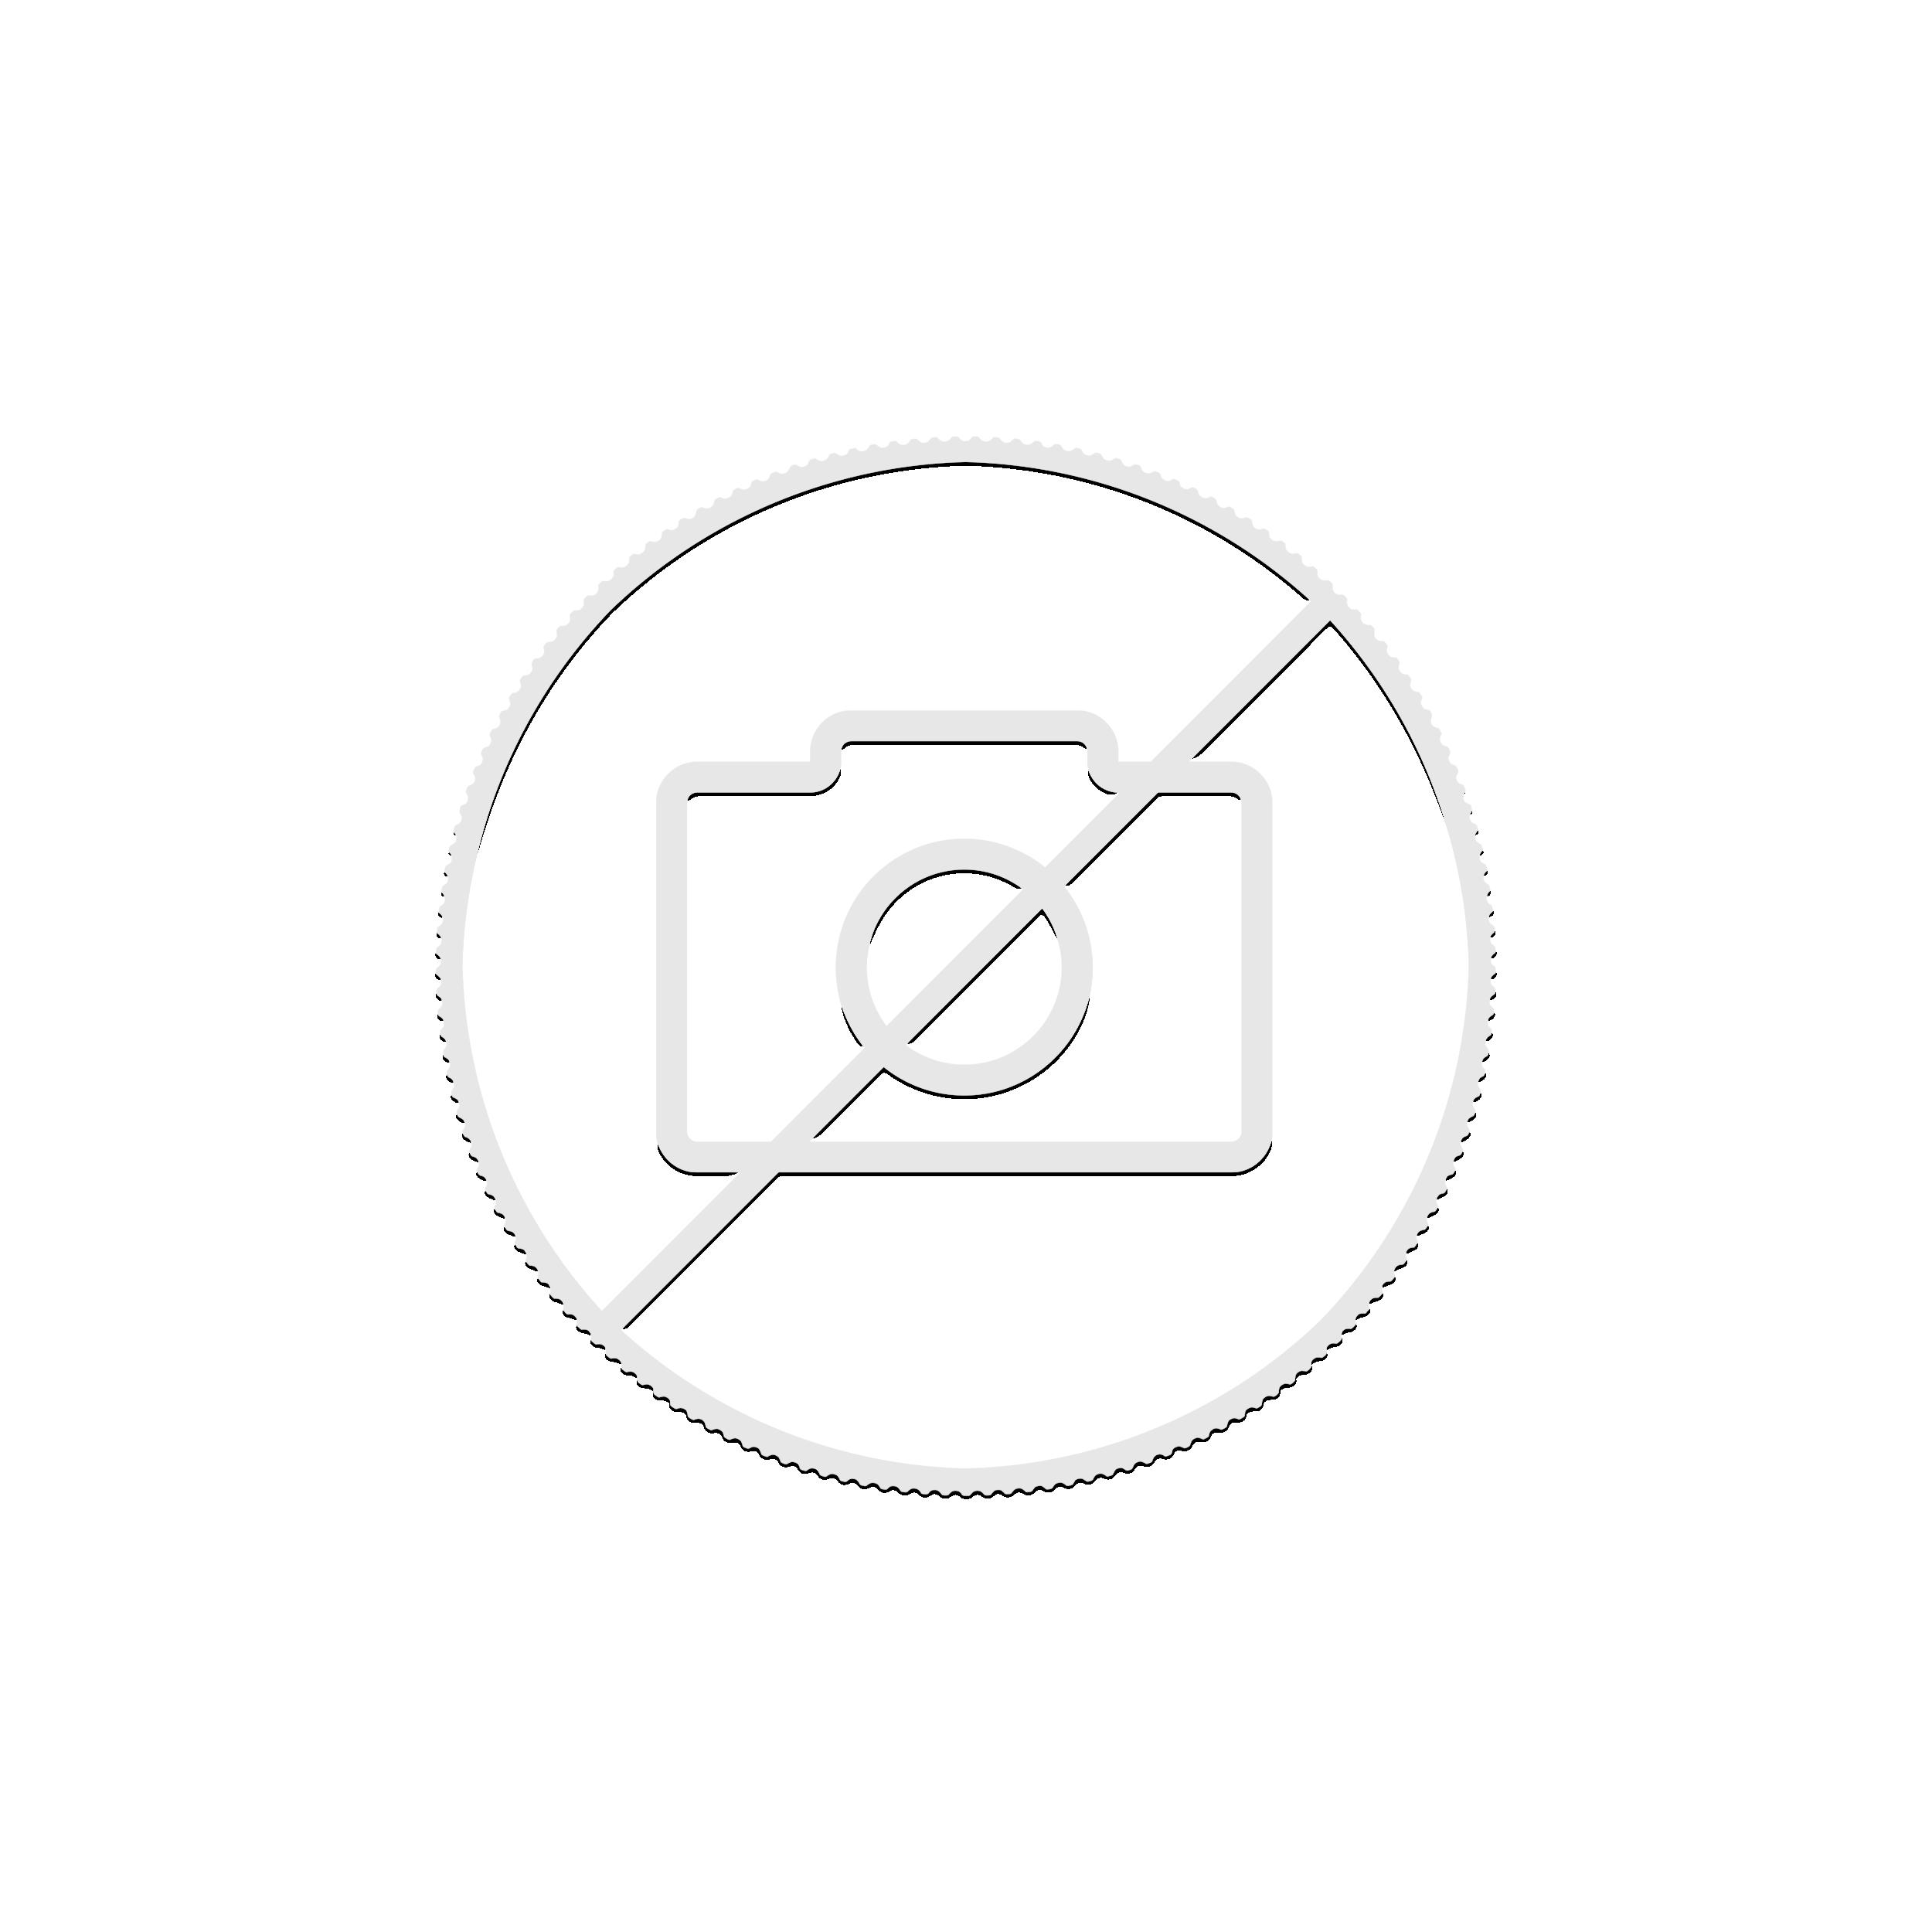 1 troy ounce zilveren munt Disney Micky Mouse - ready set go proof 2020 - box